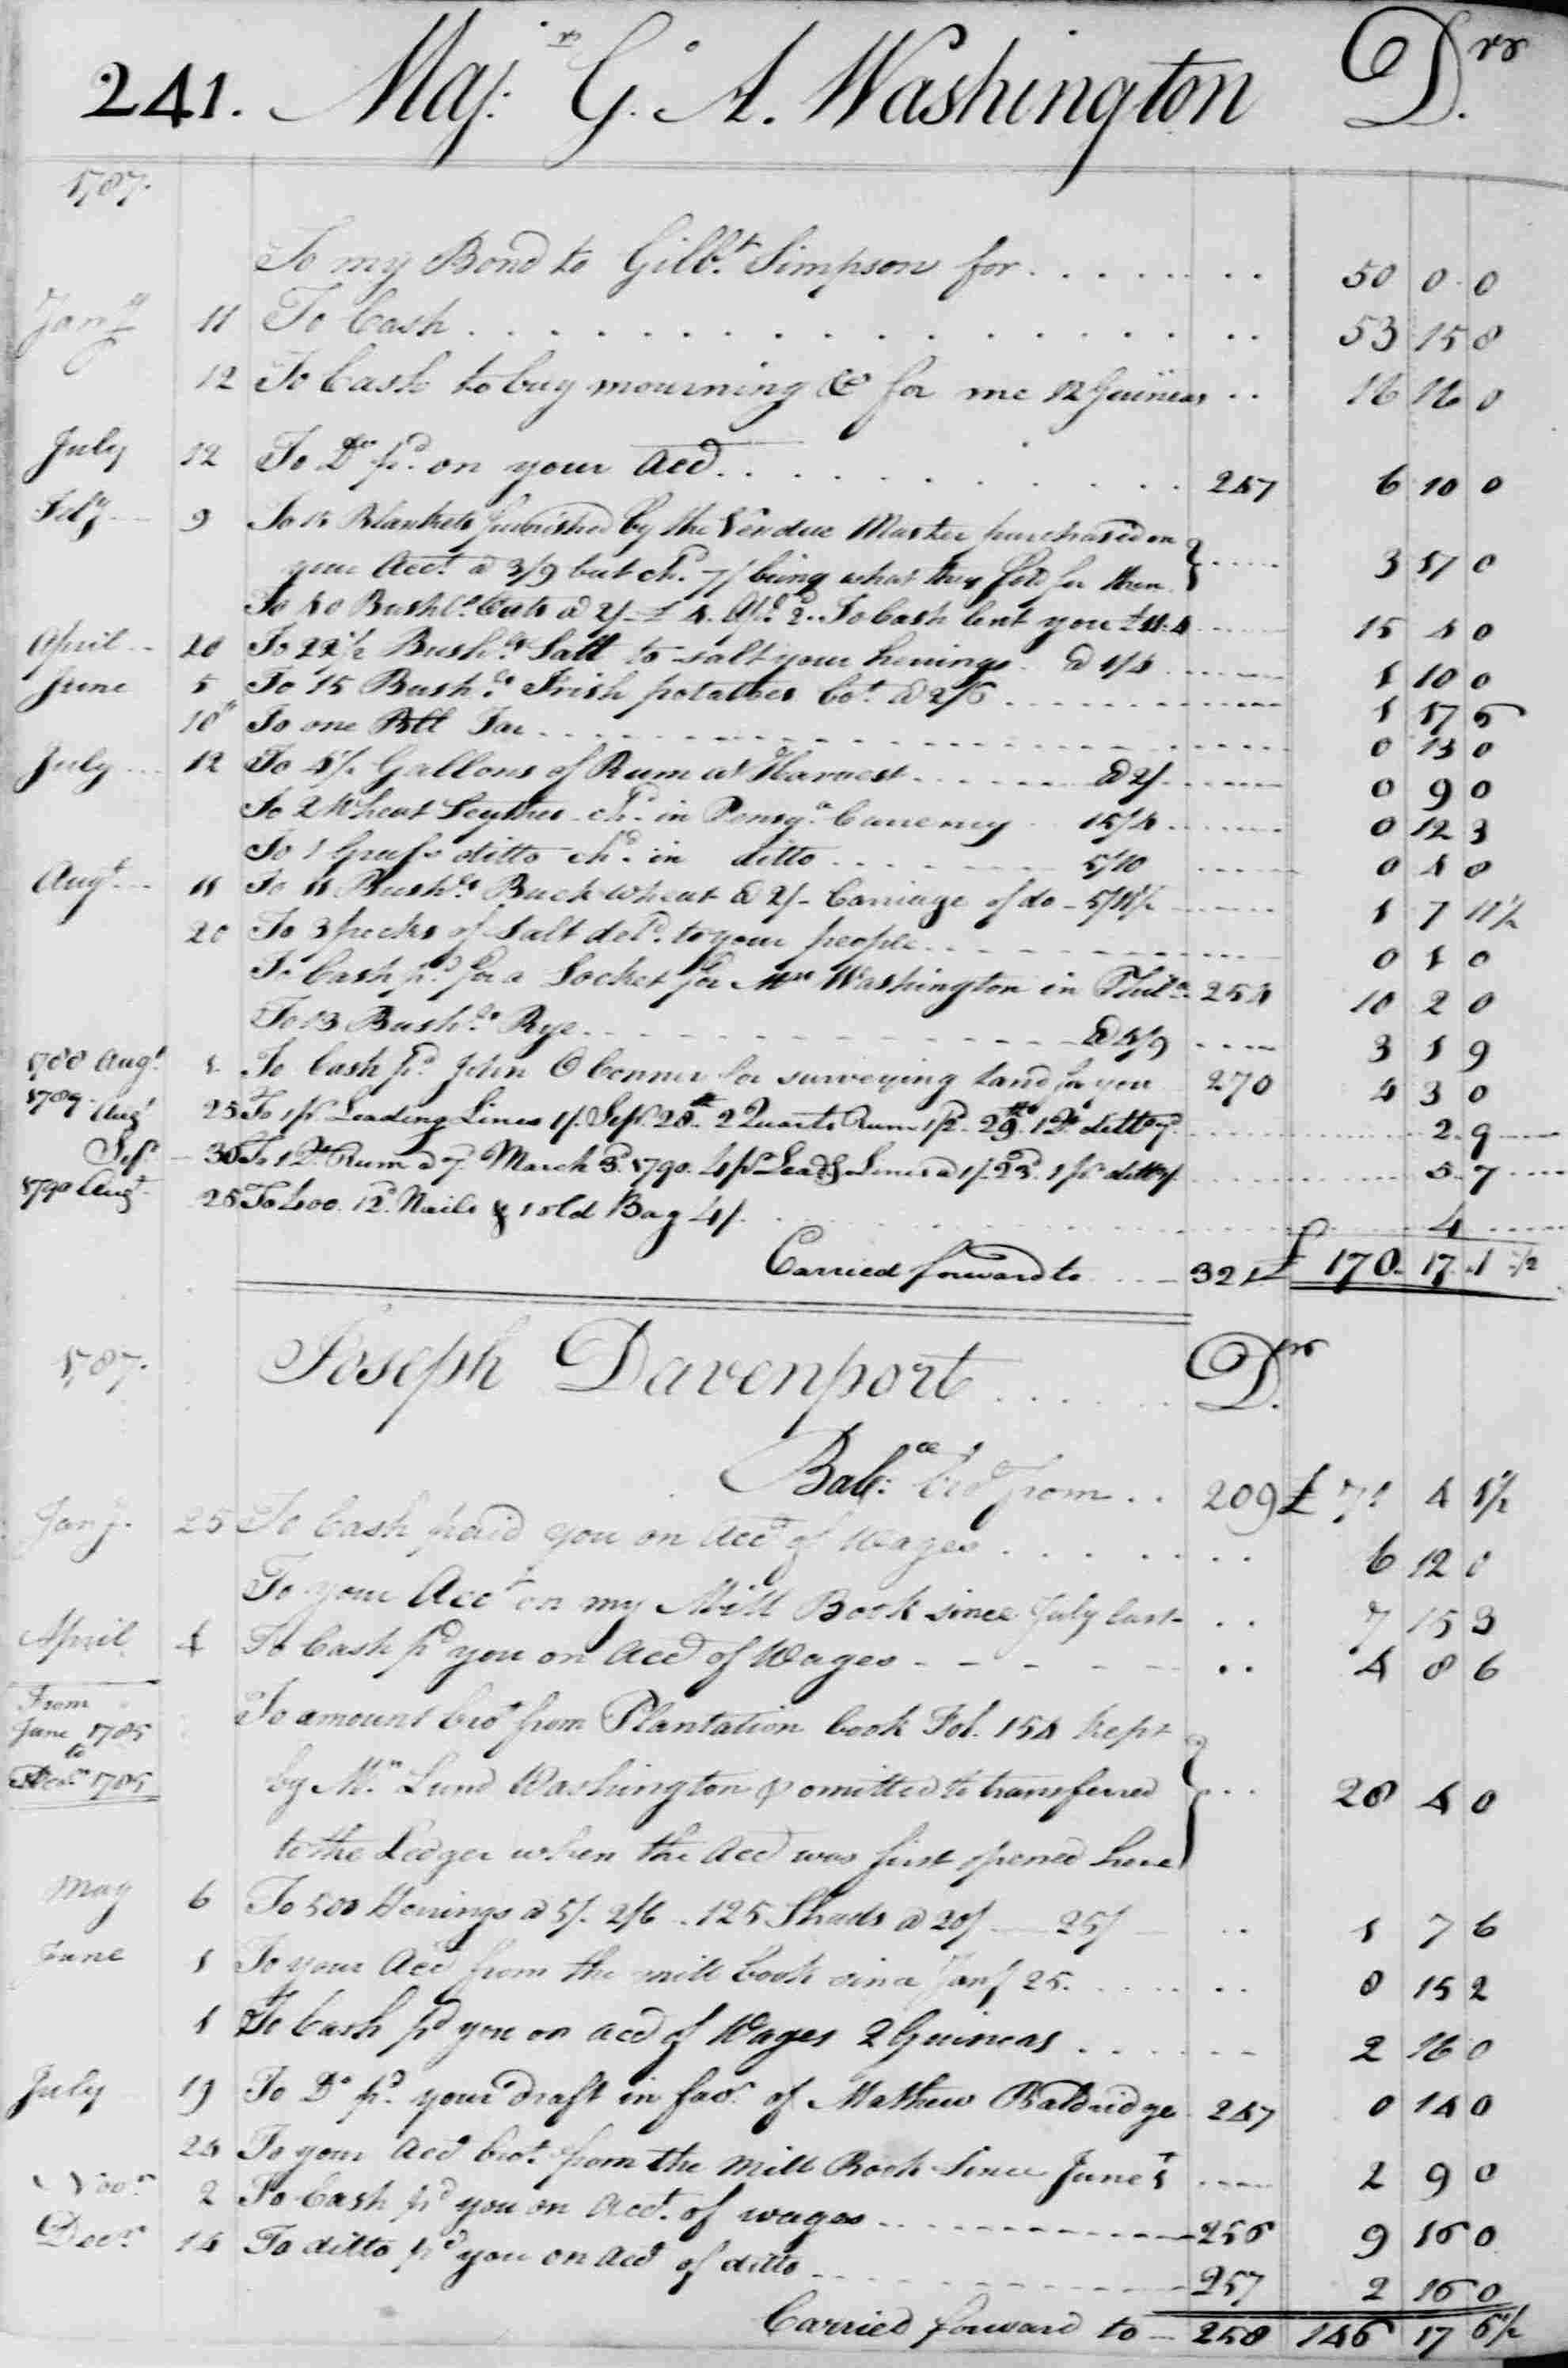 Ledger B, folio 241, left side